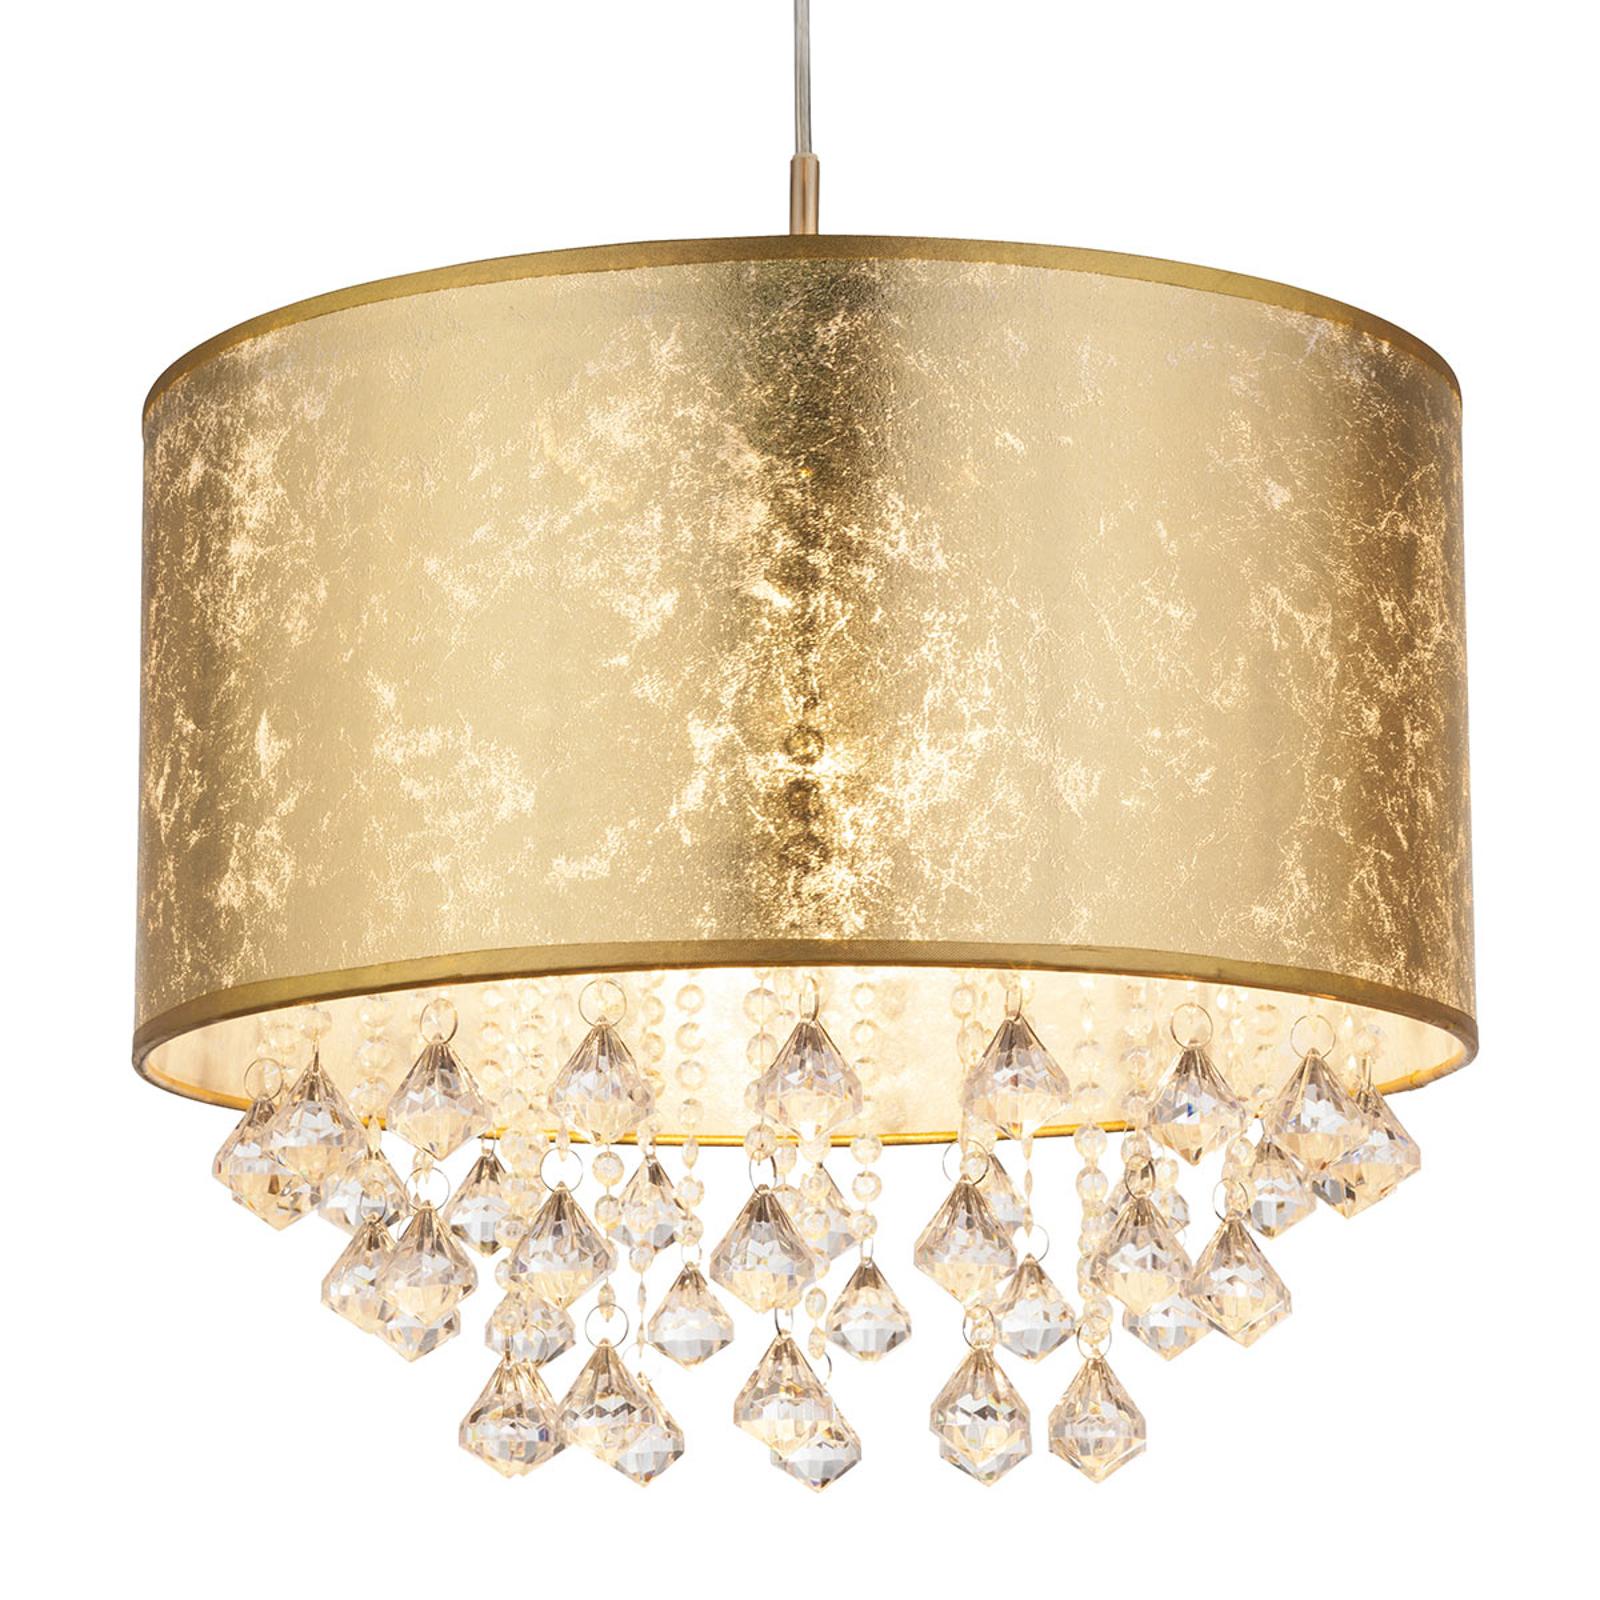 Závěsné světlo Amy s umělými krystaly, zlatá